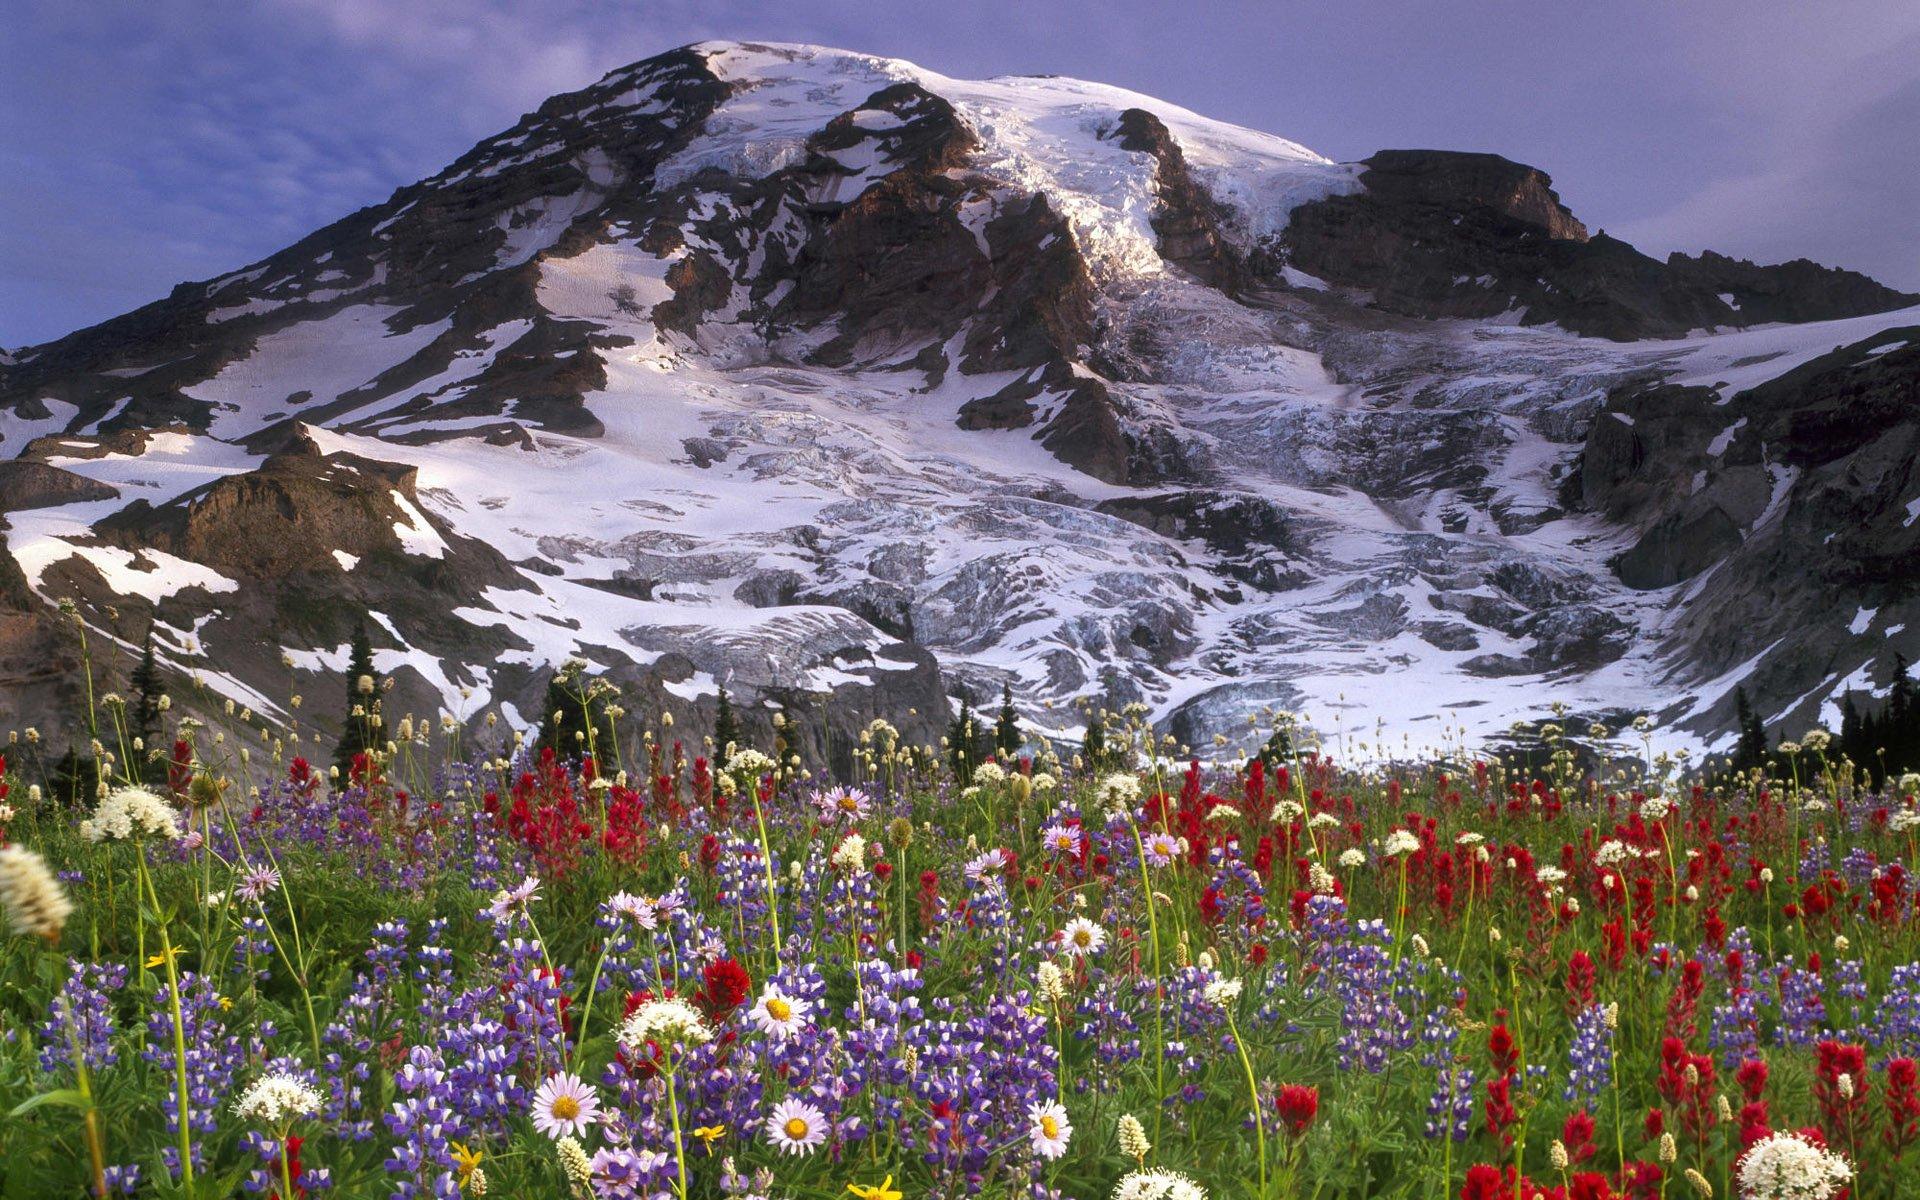 Earth - Mountain  Landscape Wallpaper